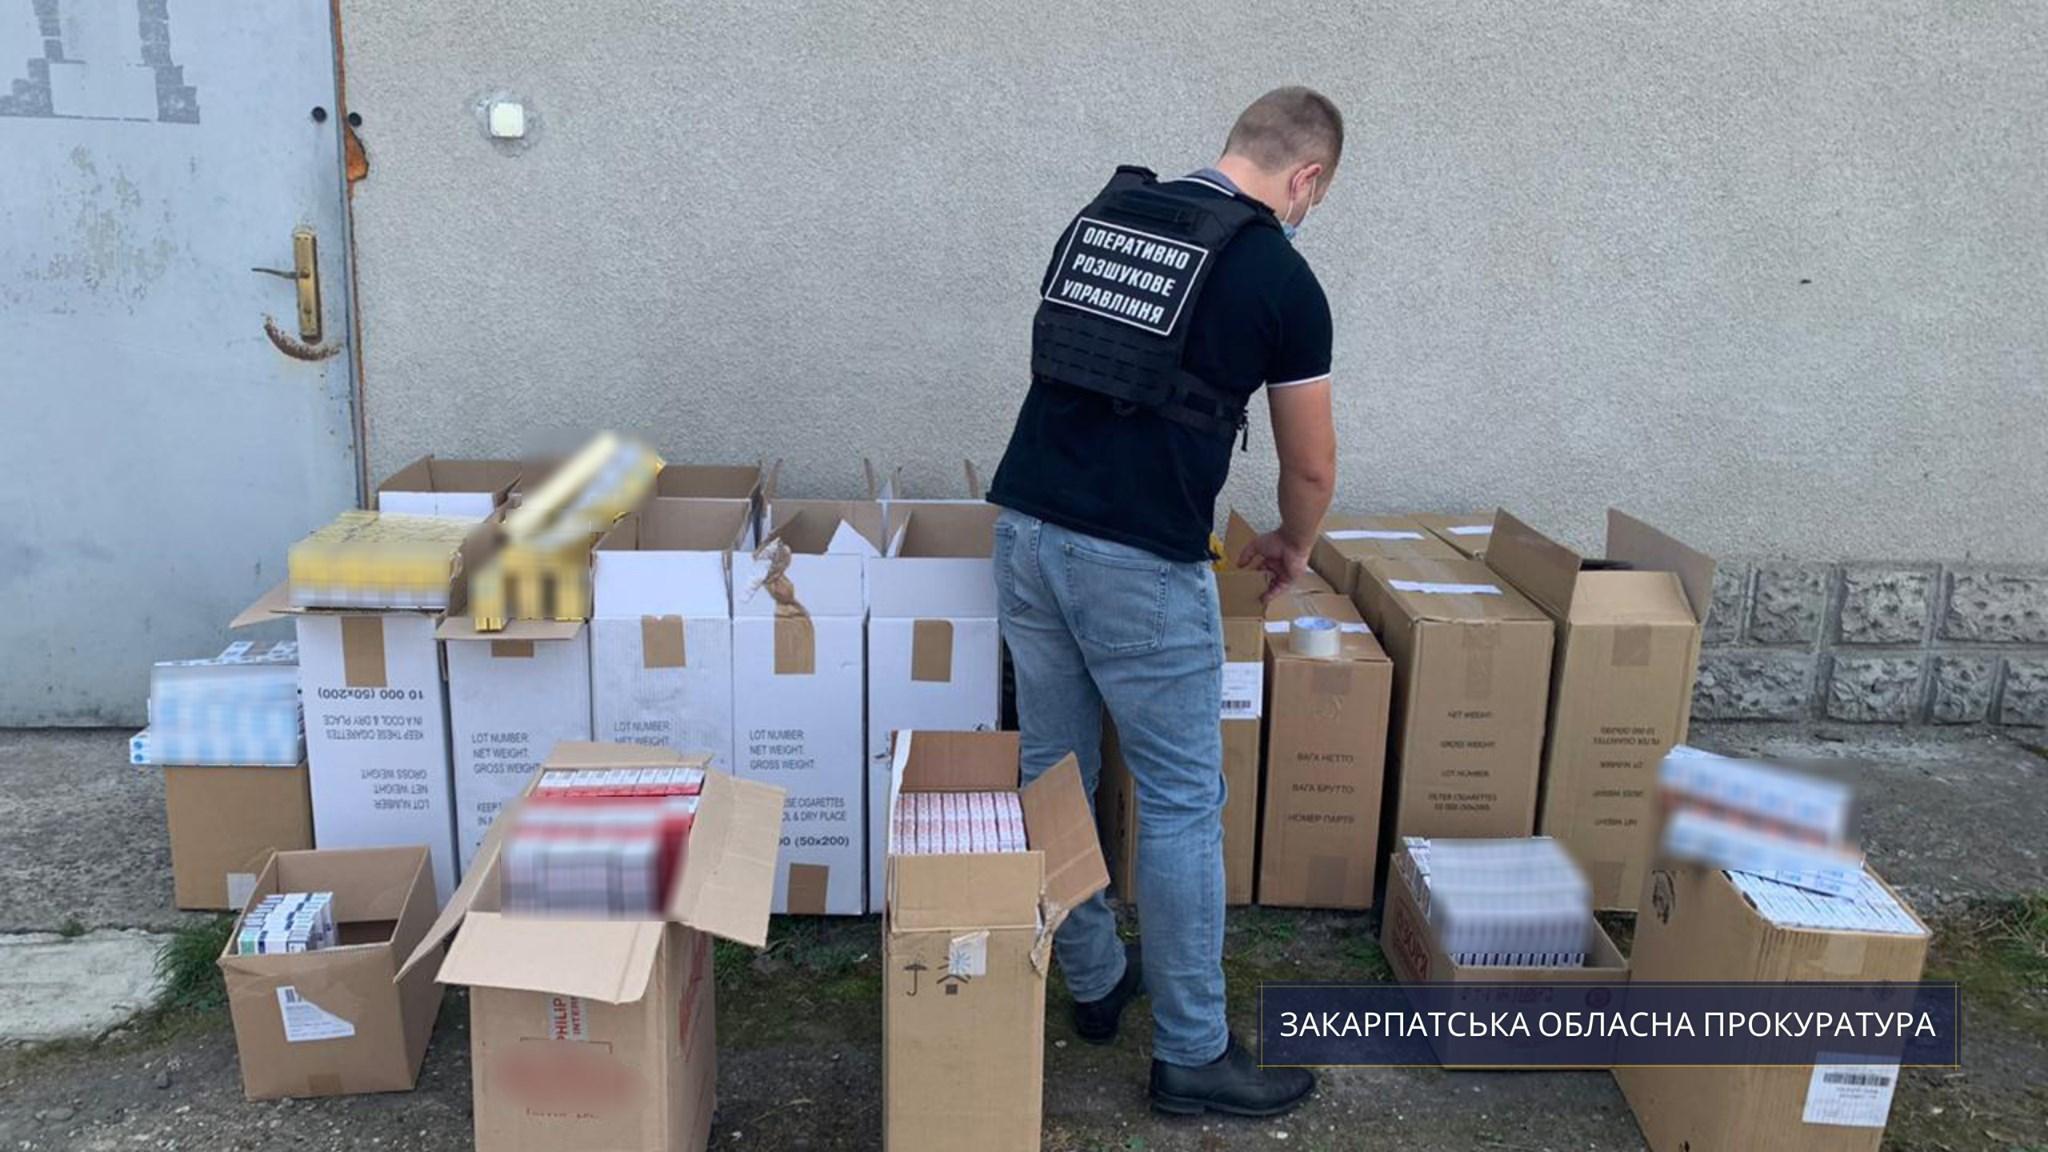 Закарпатські правоохоронці виявили на складі контрабандні цигарки орієнтовною вартістю у 400 000 гривень